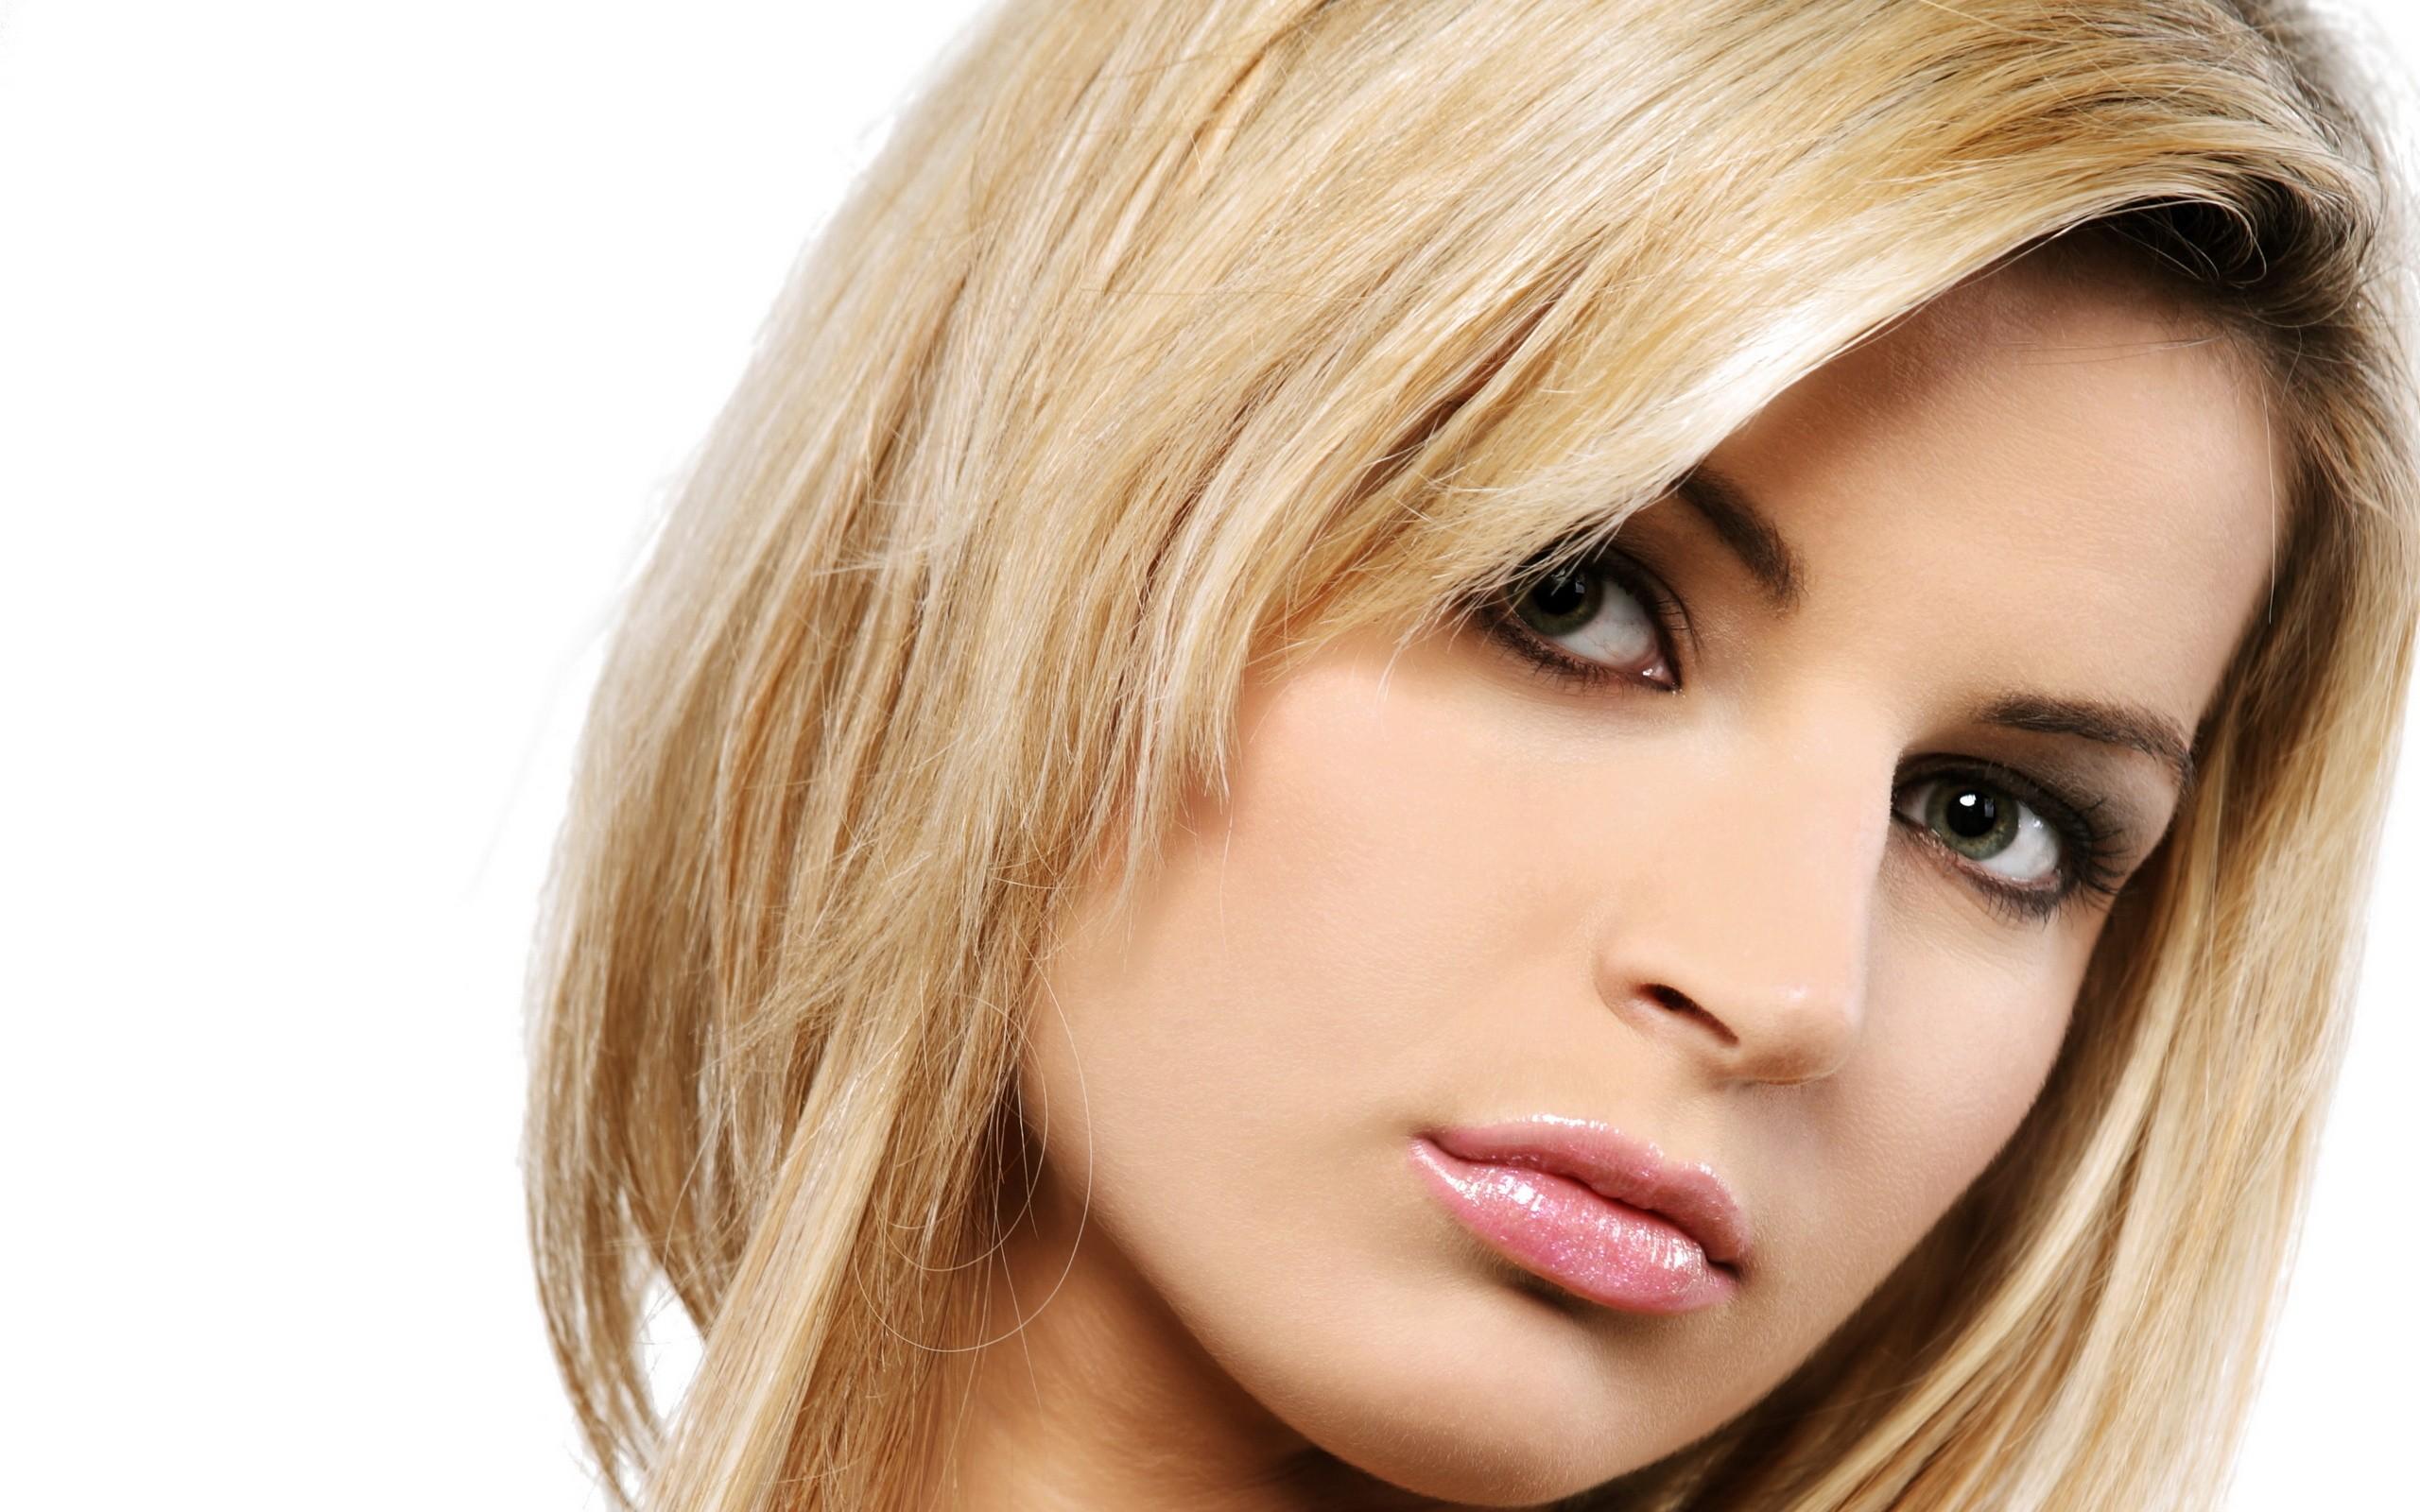 lange blonde haare pony - beliebte frisuren 2020